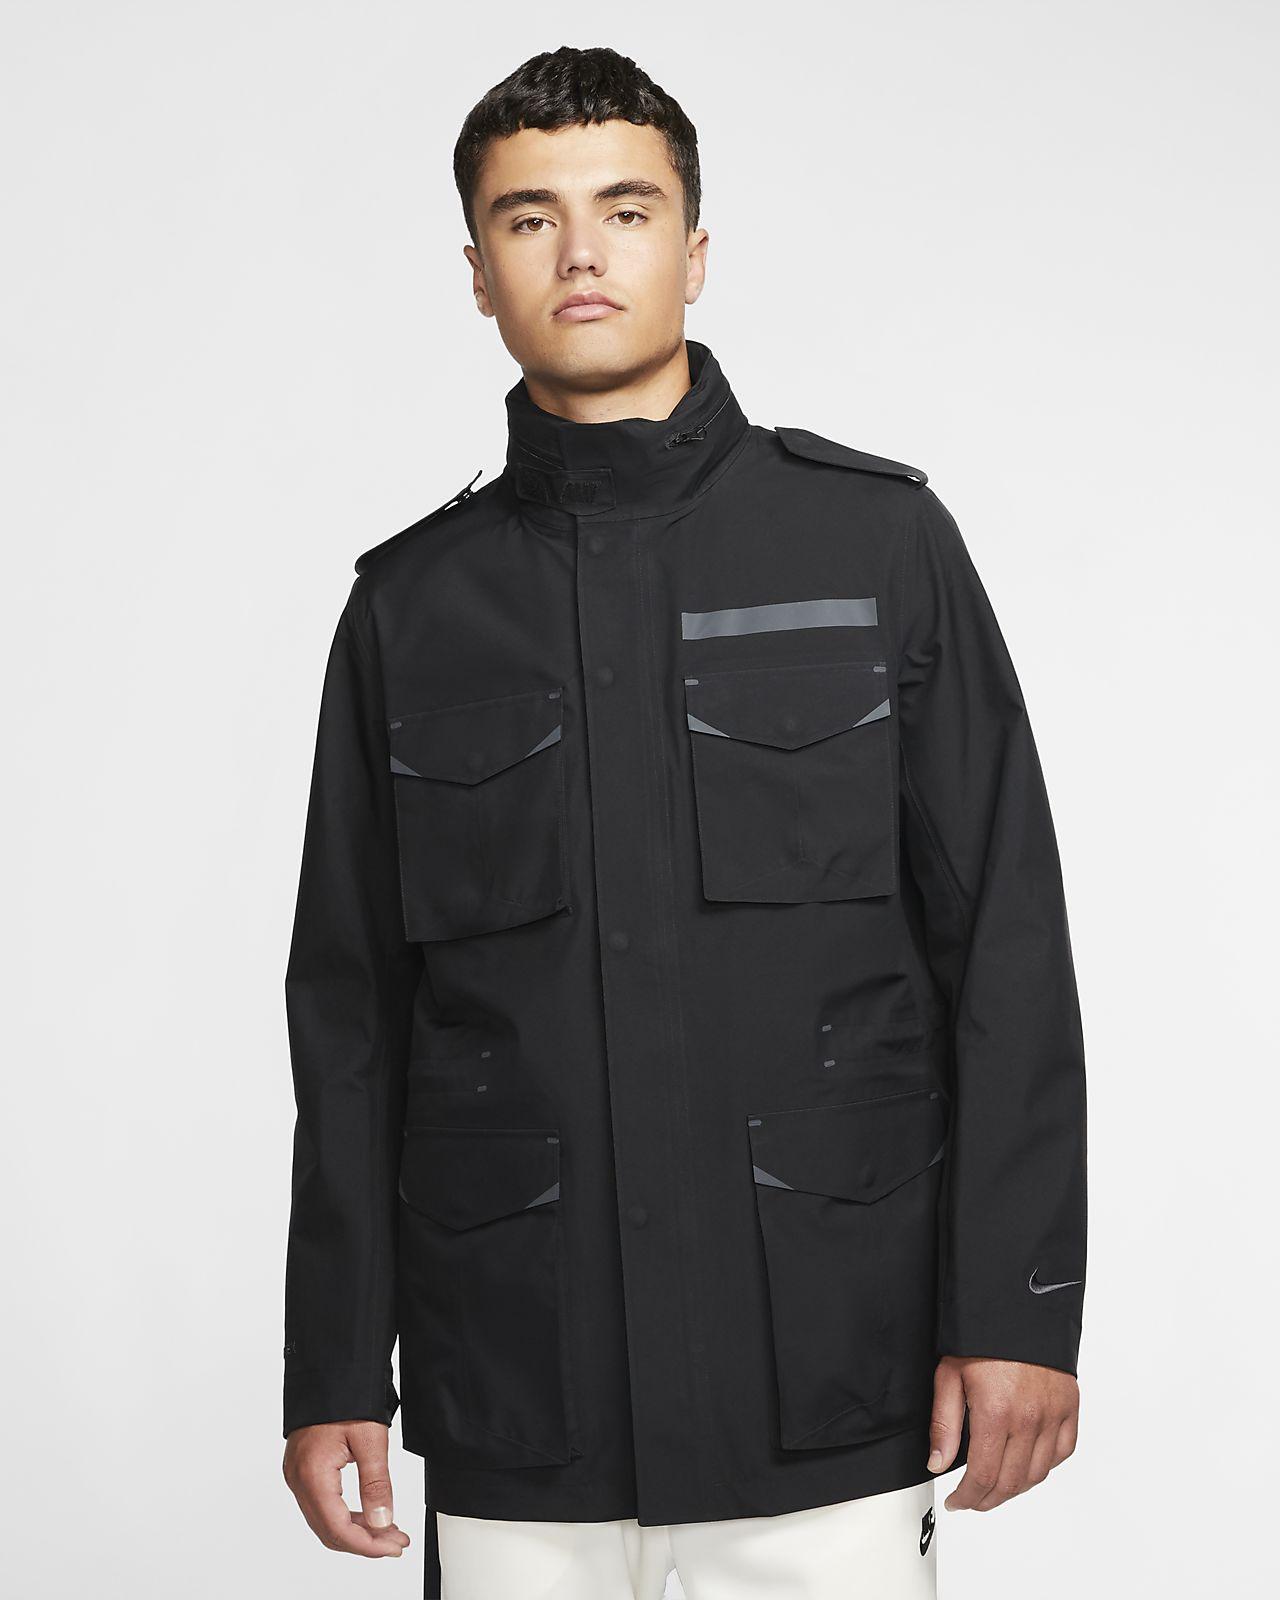 Nike GORE-TEX M65 男款外套